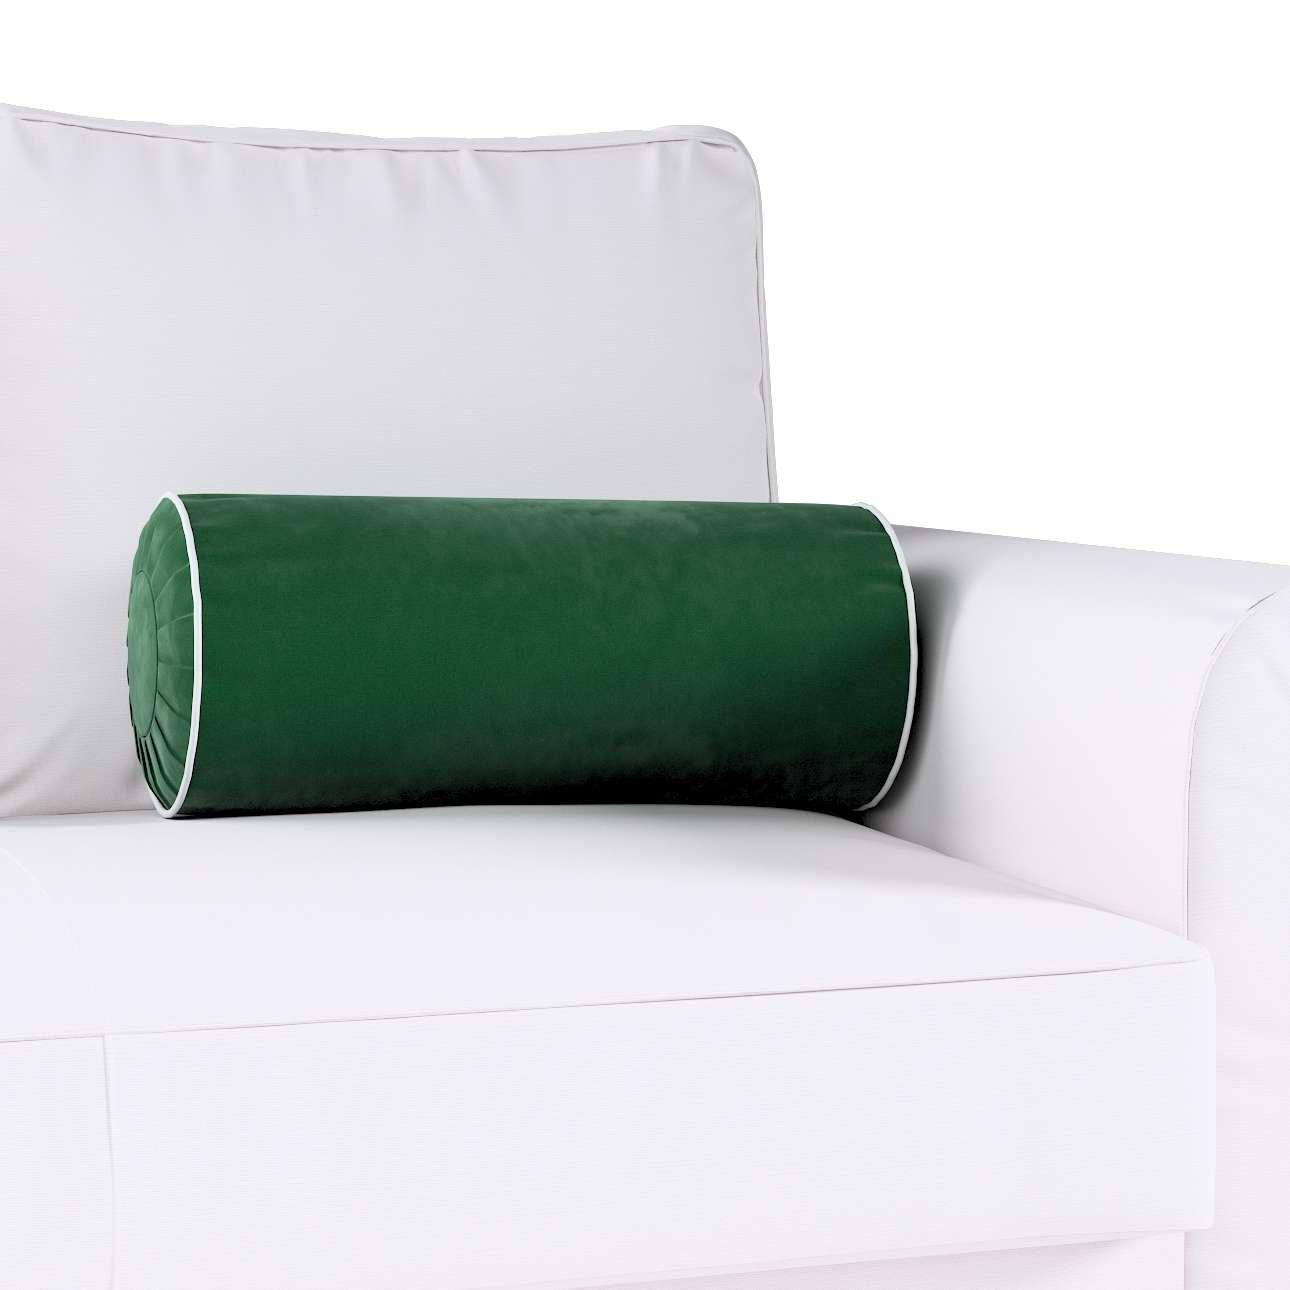 Yoga rolkussen met ingewerkte lus van de collectie Velvet, Stof: 704-13